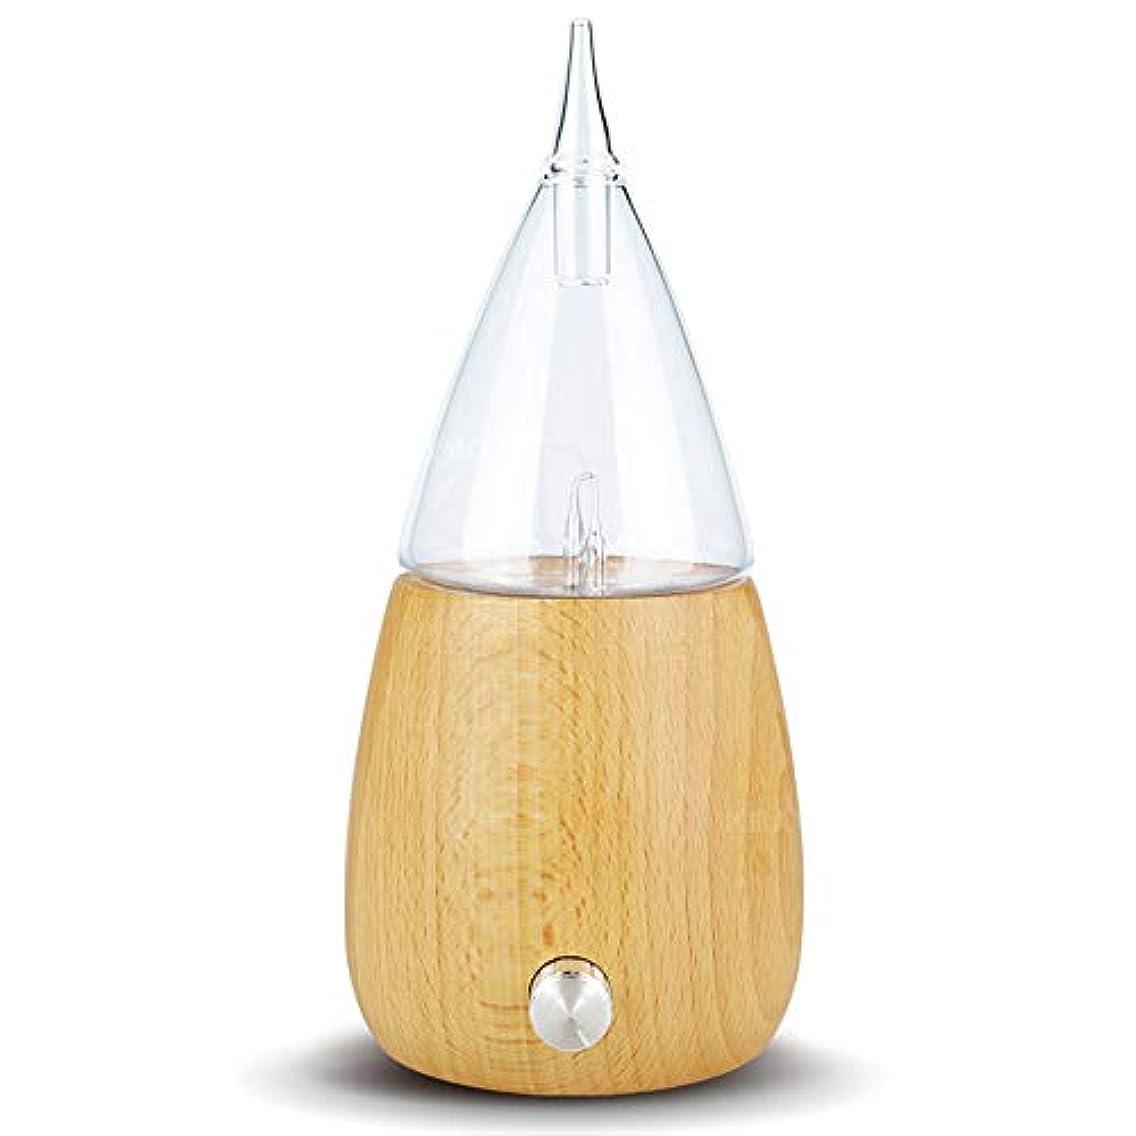 結婚式選択する削減Rakuby アロマ セラピーディフューザー ガラスリザーバー噴霧 純粋エッセンシャルオイル アロマ ディフューザー 加湿器 オートシャットオフ カラフルledライト用 ホームオフィス